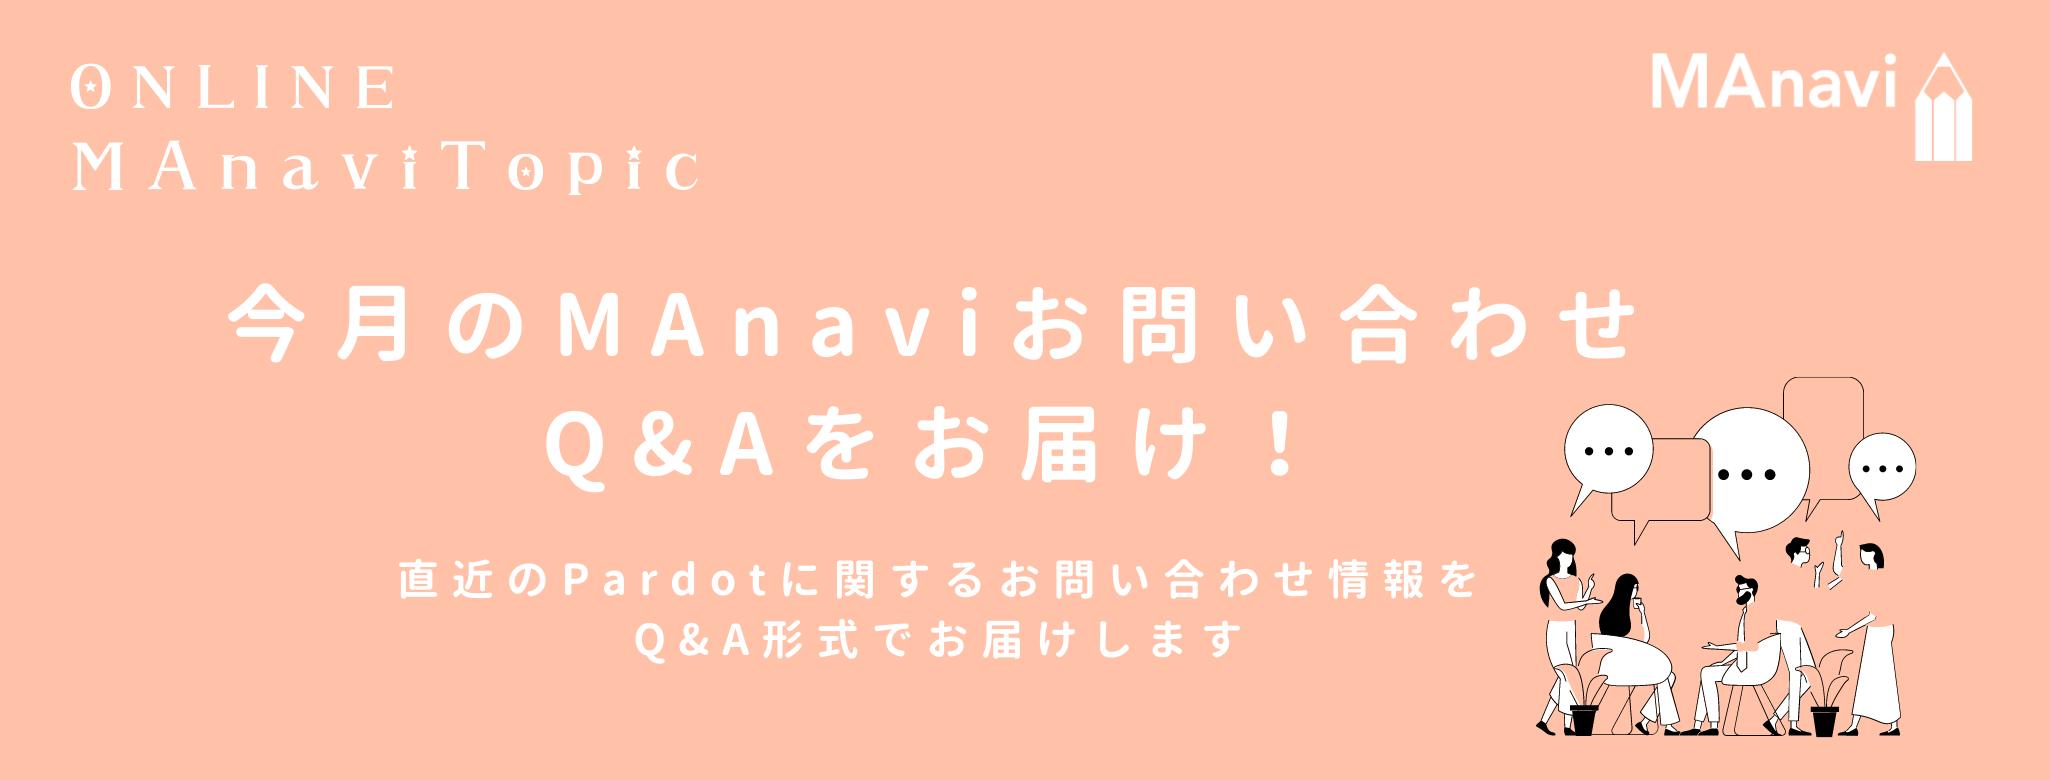 【MAnaviオンライン】~MAnaviお問い合わせをお届け~1月はプロスペクトのインポートや同期時によくあるお問い合わせを解説!